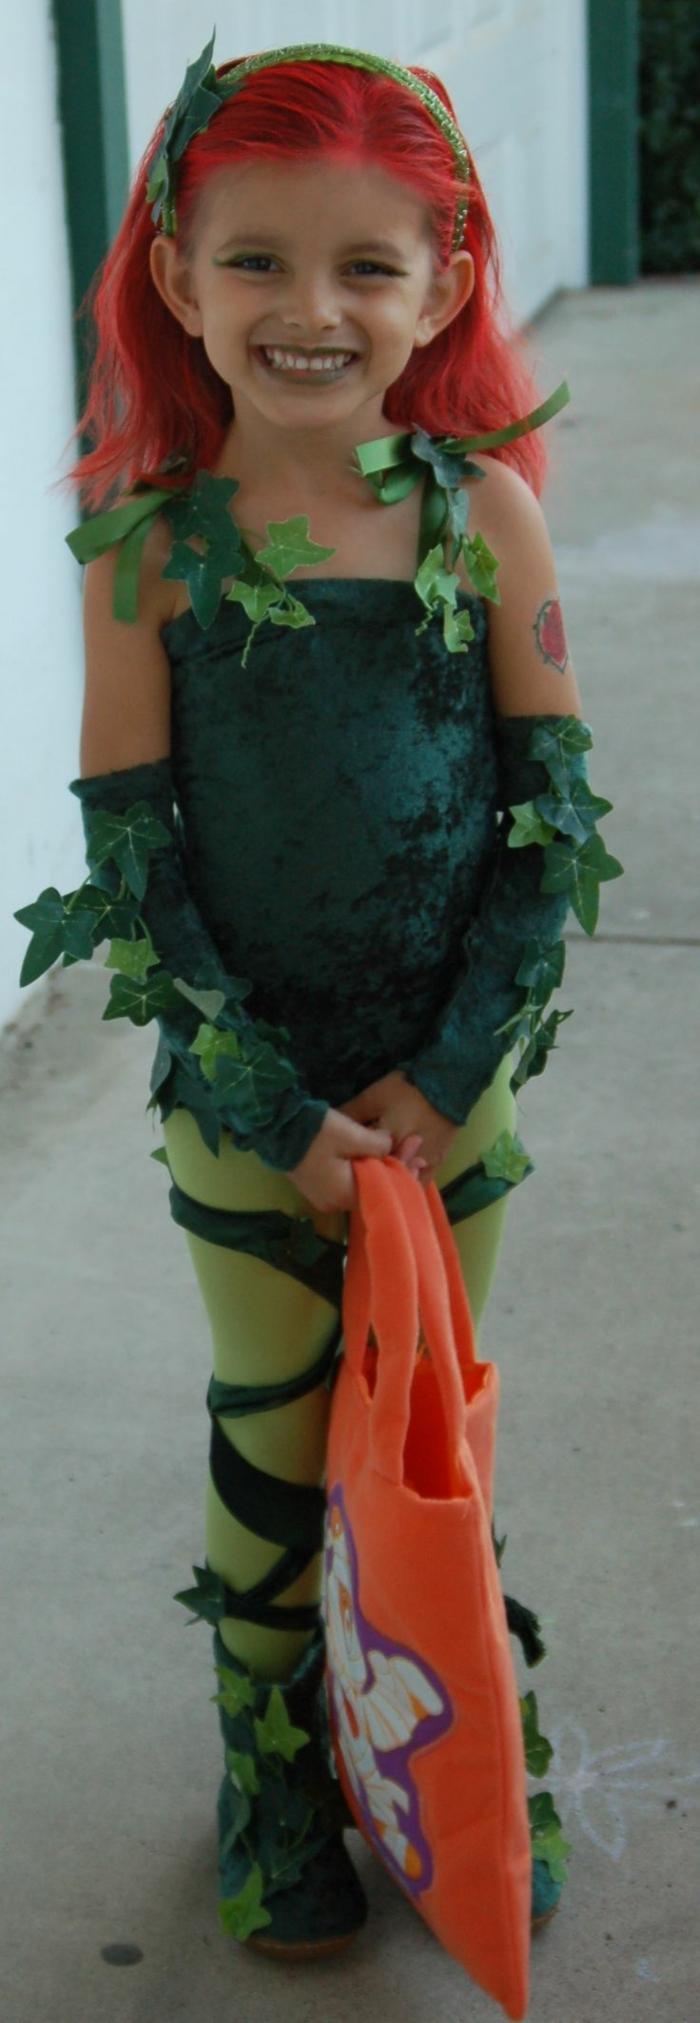 niedliches Mädchen mit grüner Strumpfhose und grüne künstliche Blätter